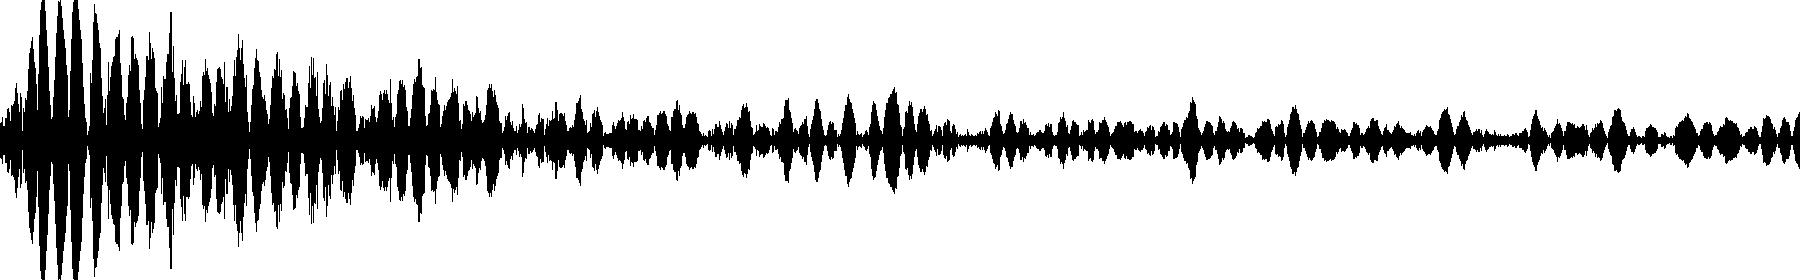 snare1 101db b